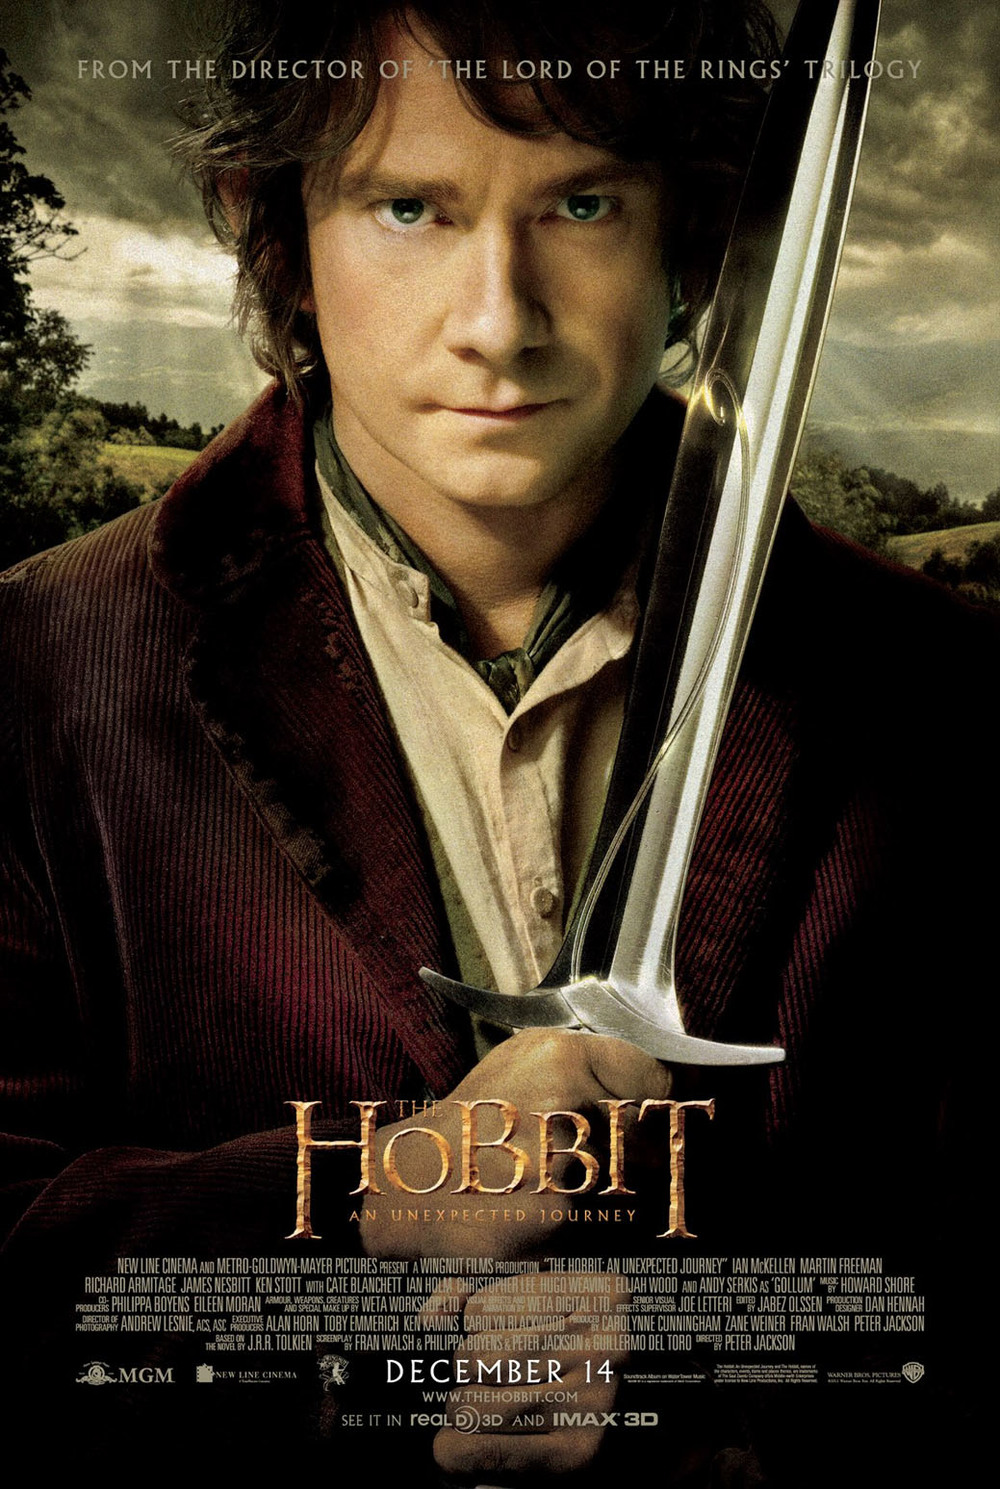 Poster_03_Hobbit_UnexpectedJourney.jpg